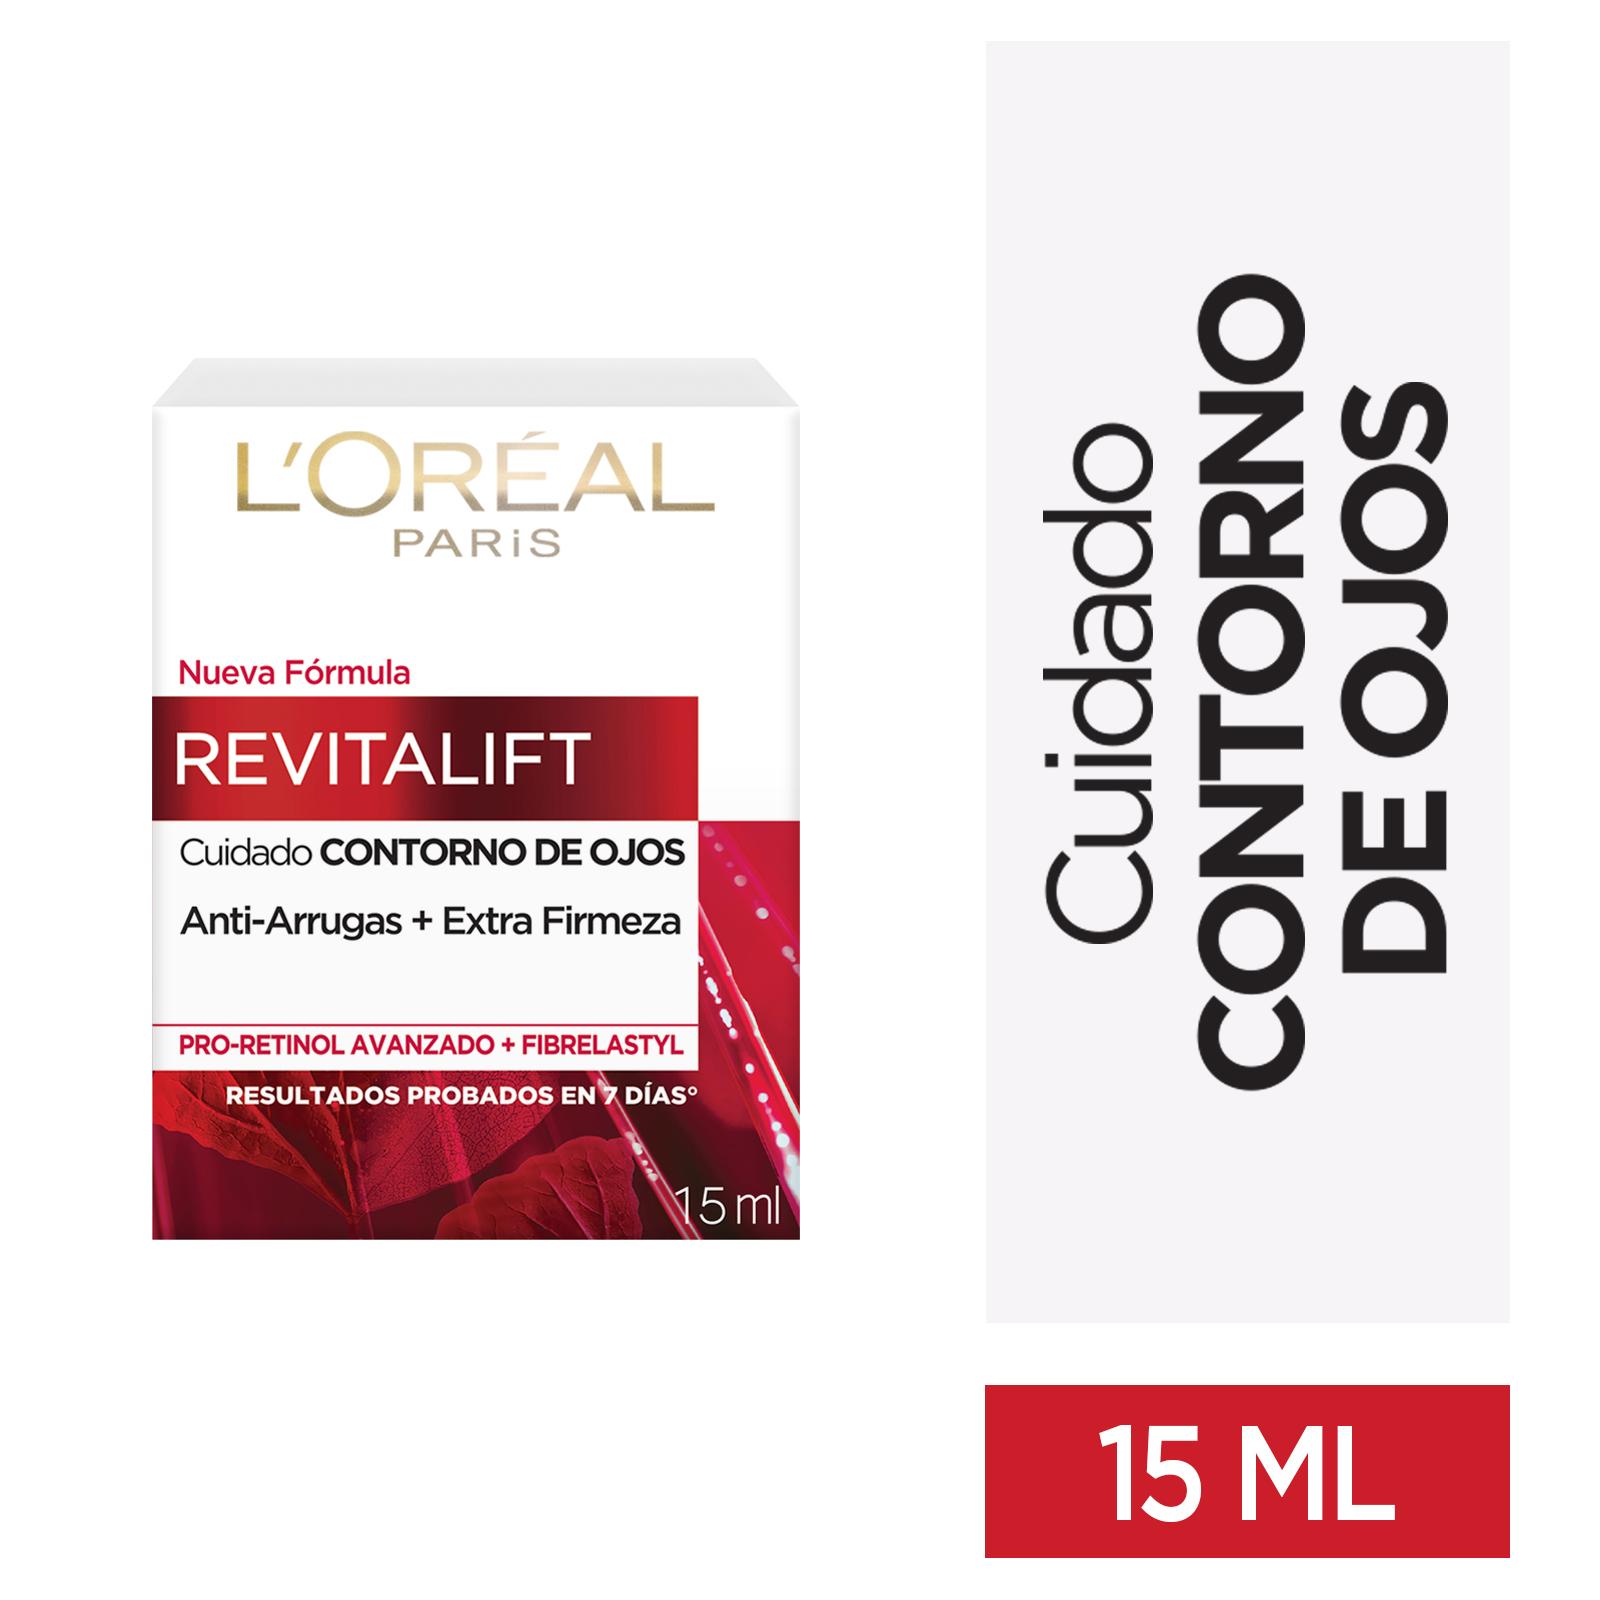 Crema Loreal Revitalift Contorno de Ojos 15ml